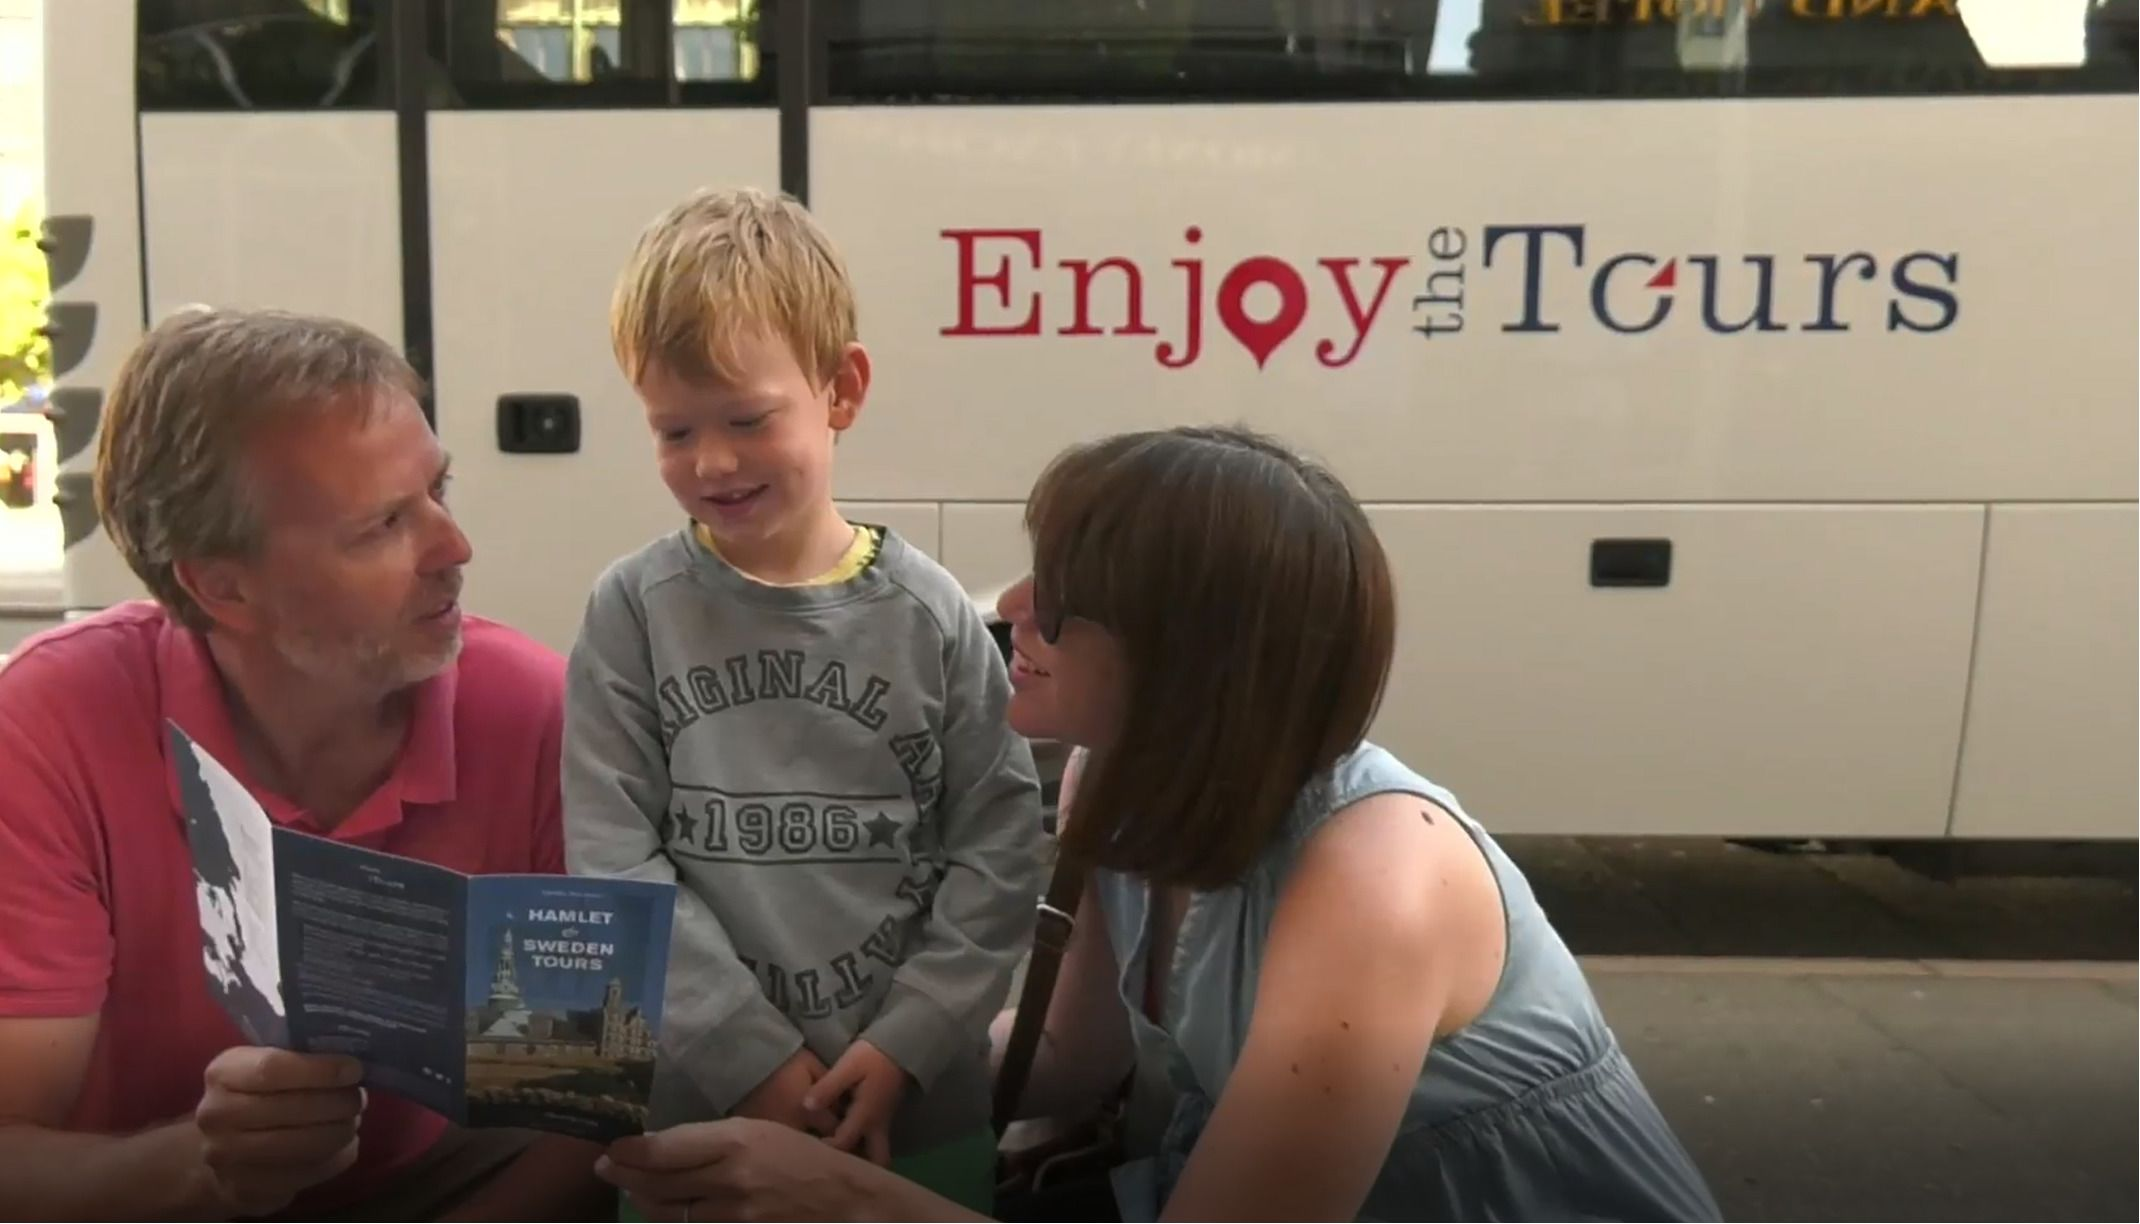 Family next to tour bus in Denmark